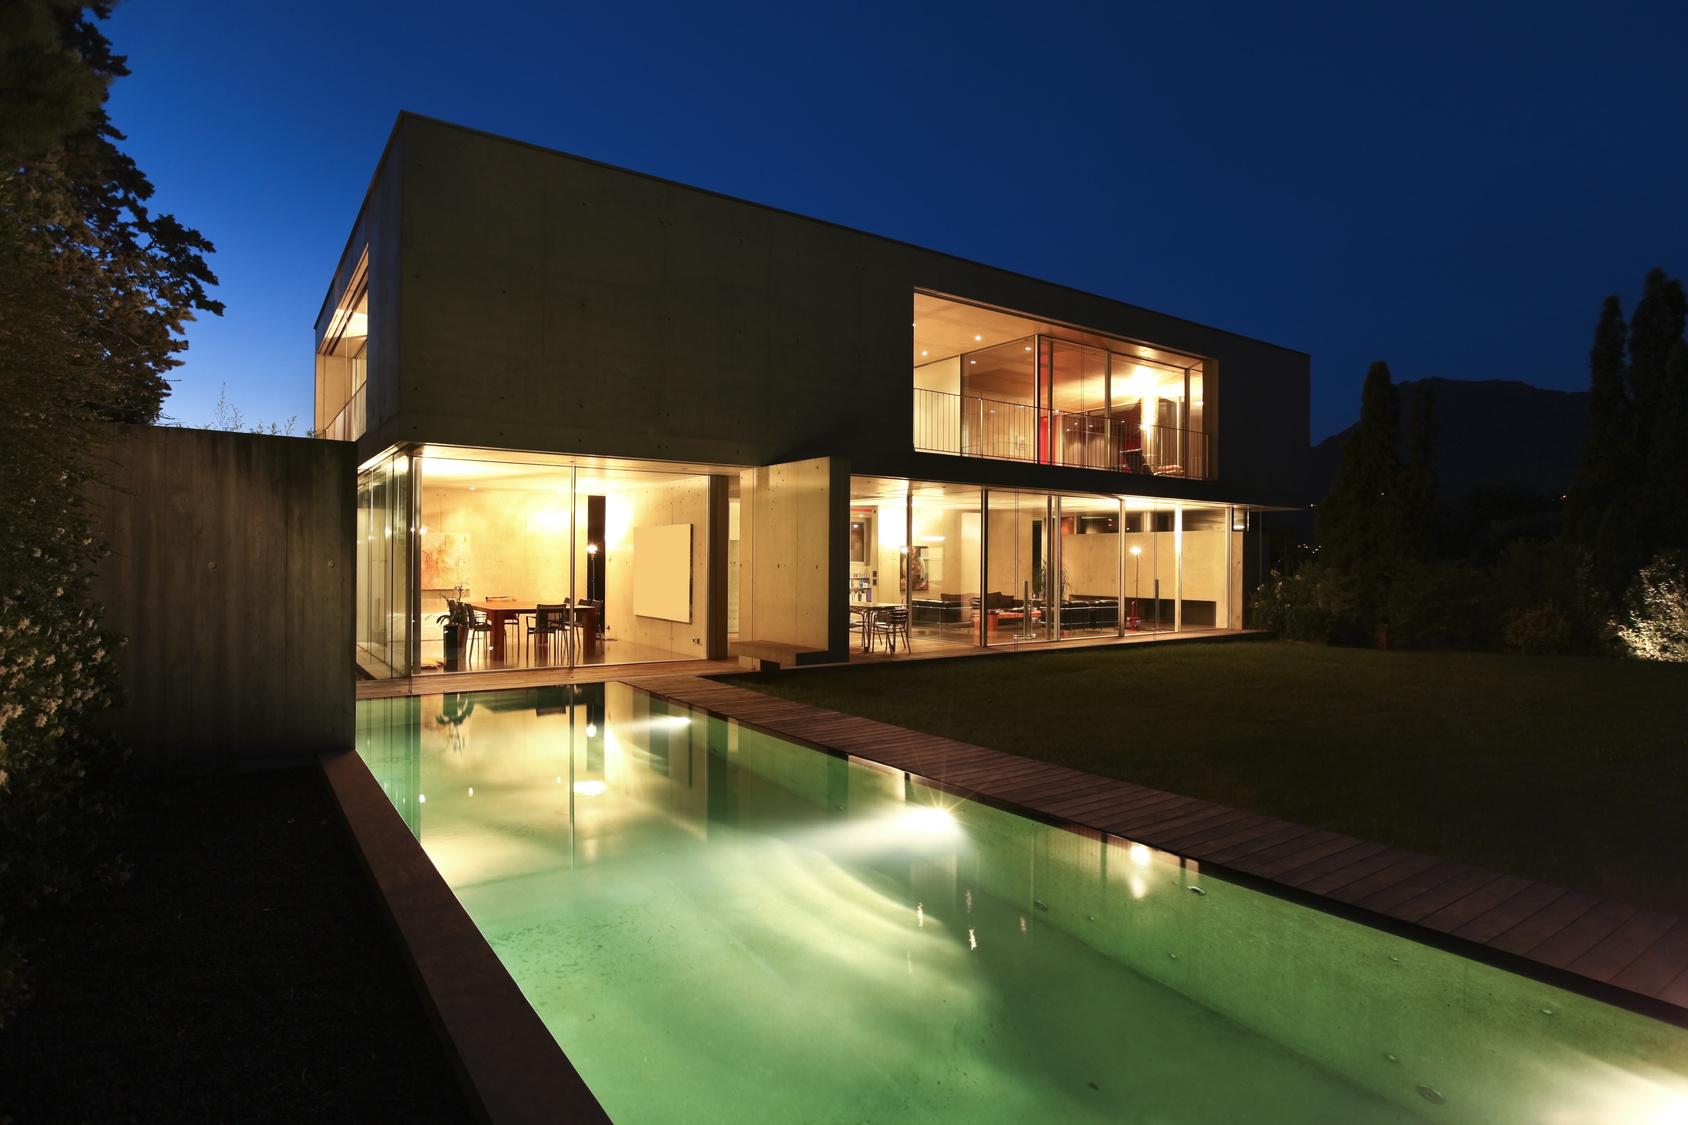 Geotermia climatizacion piscina for Piscina interior casa